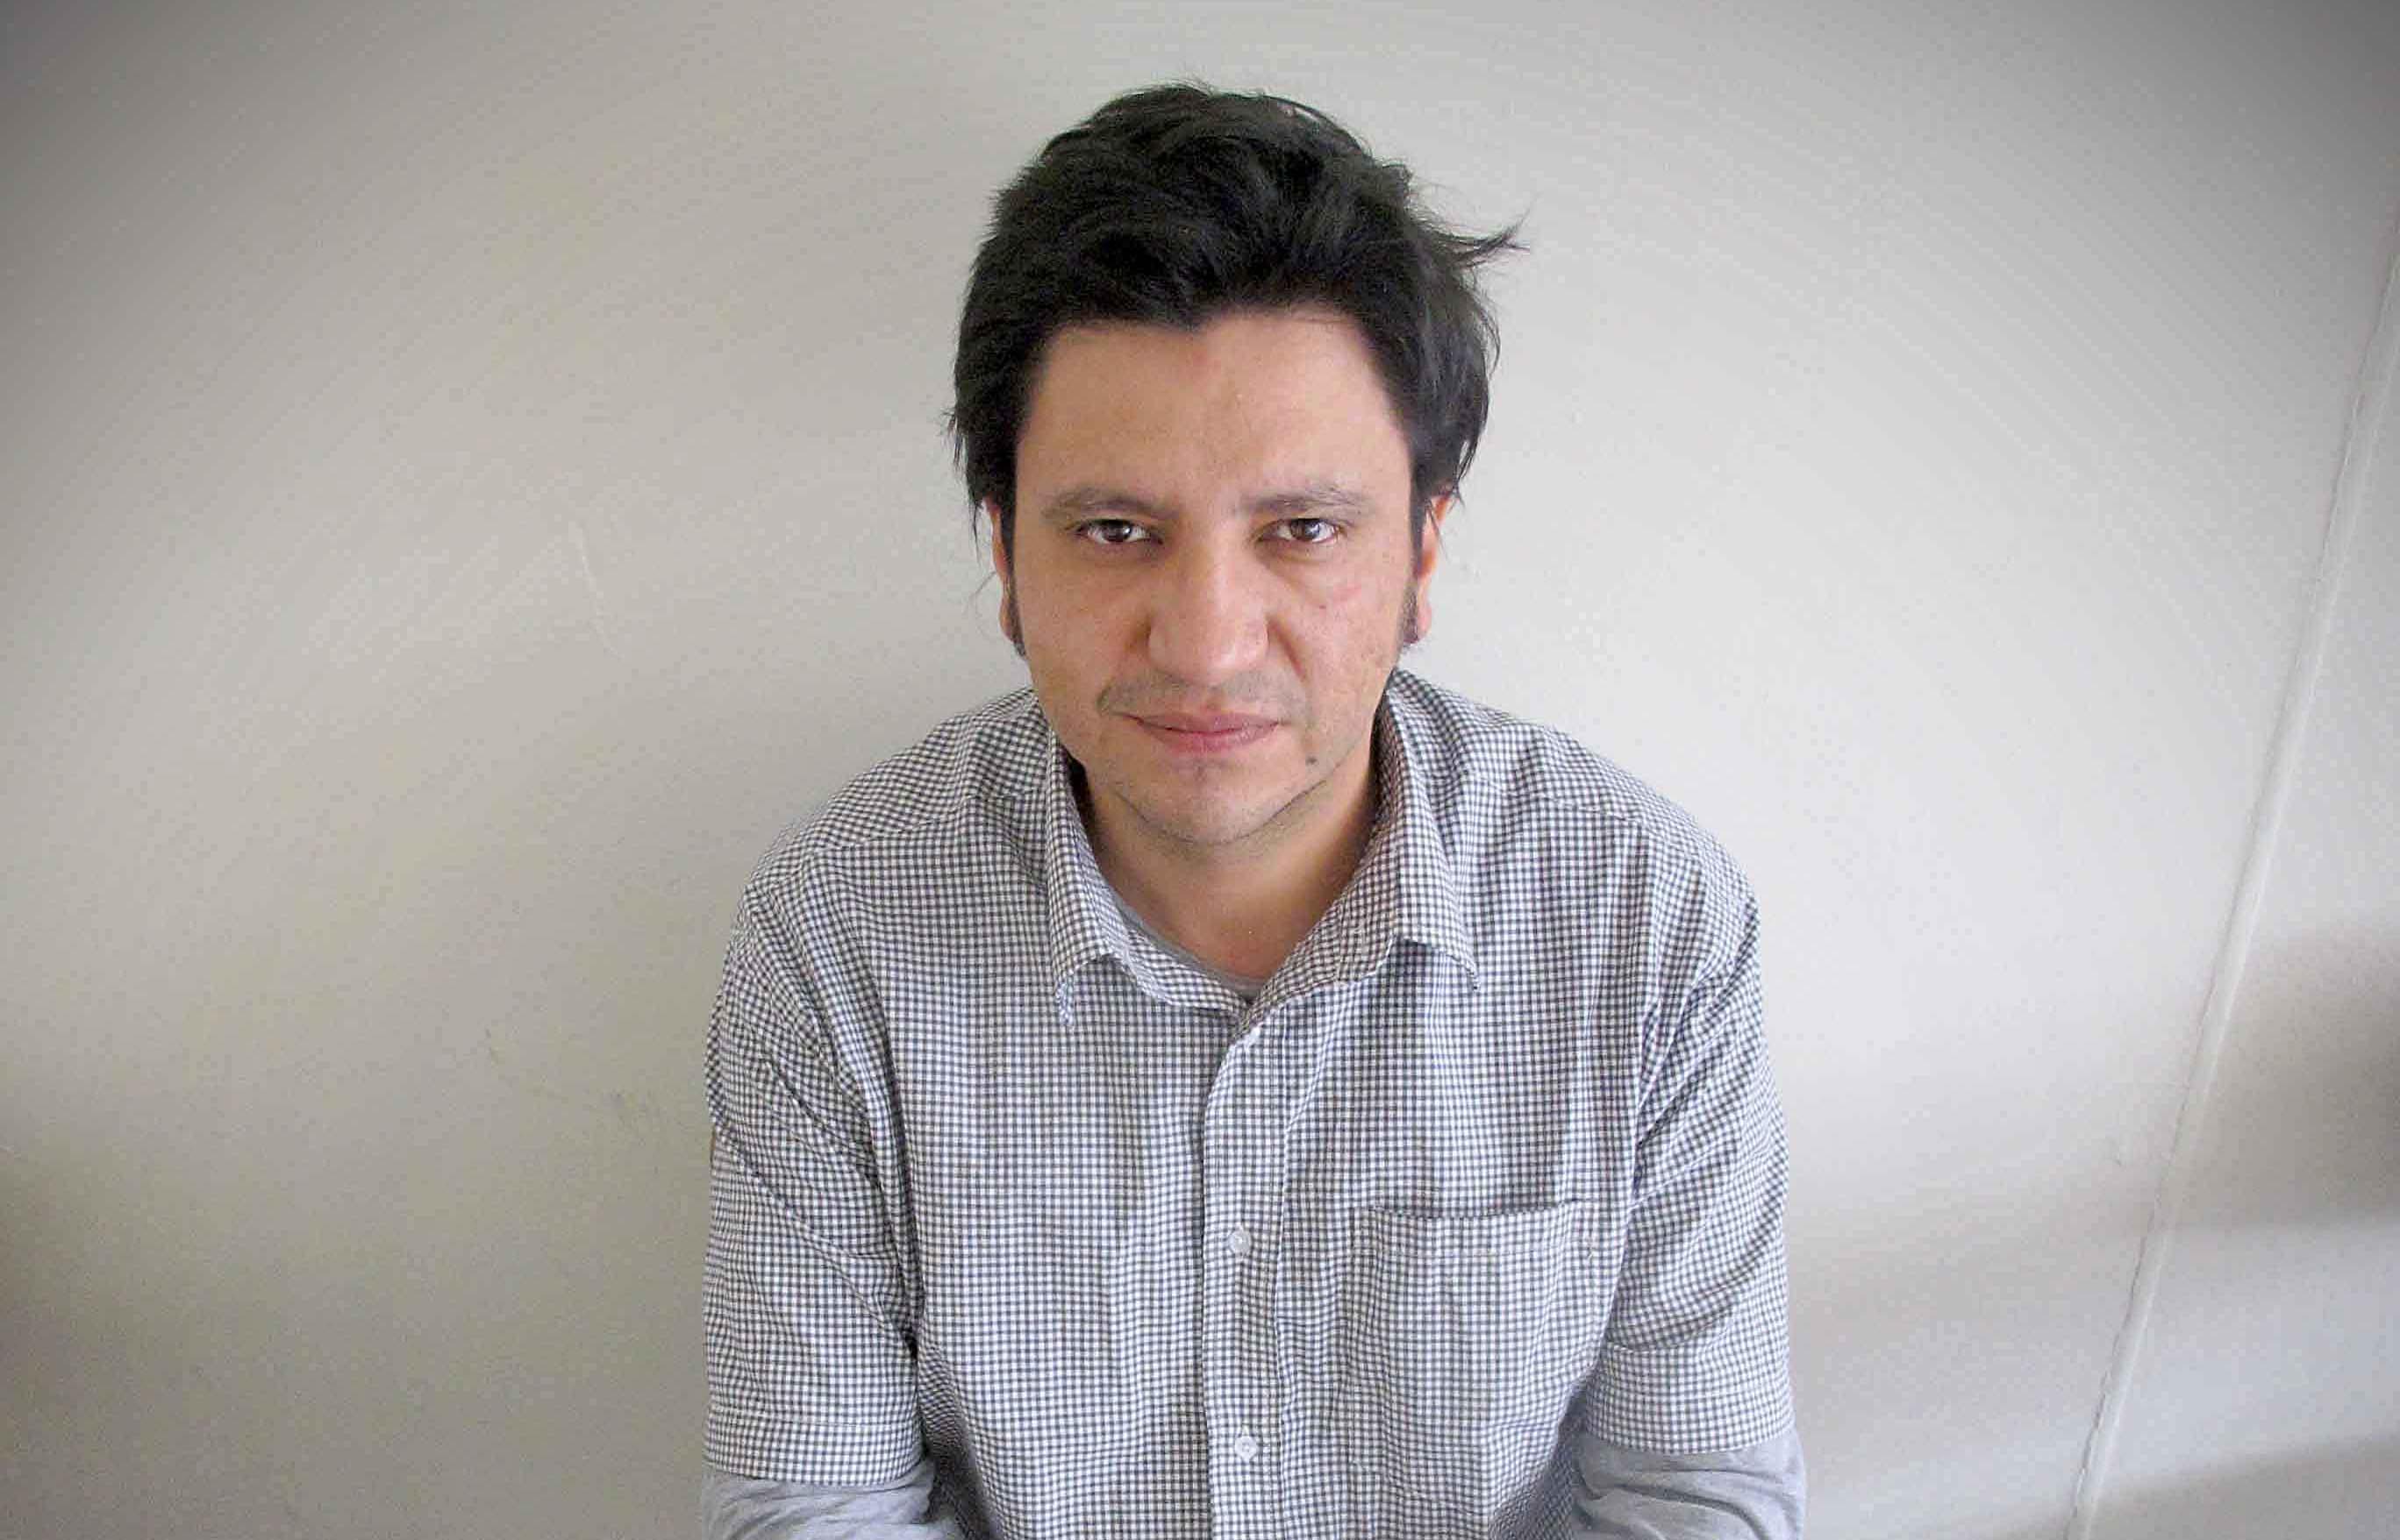 Bijna een vader - Alejandro Zambra (webcam)